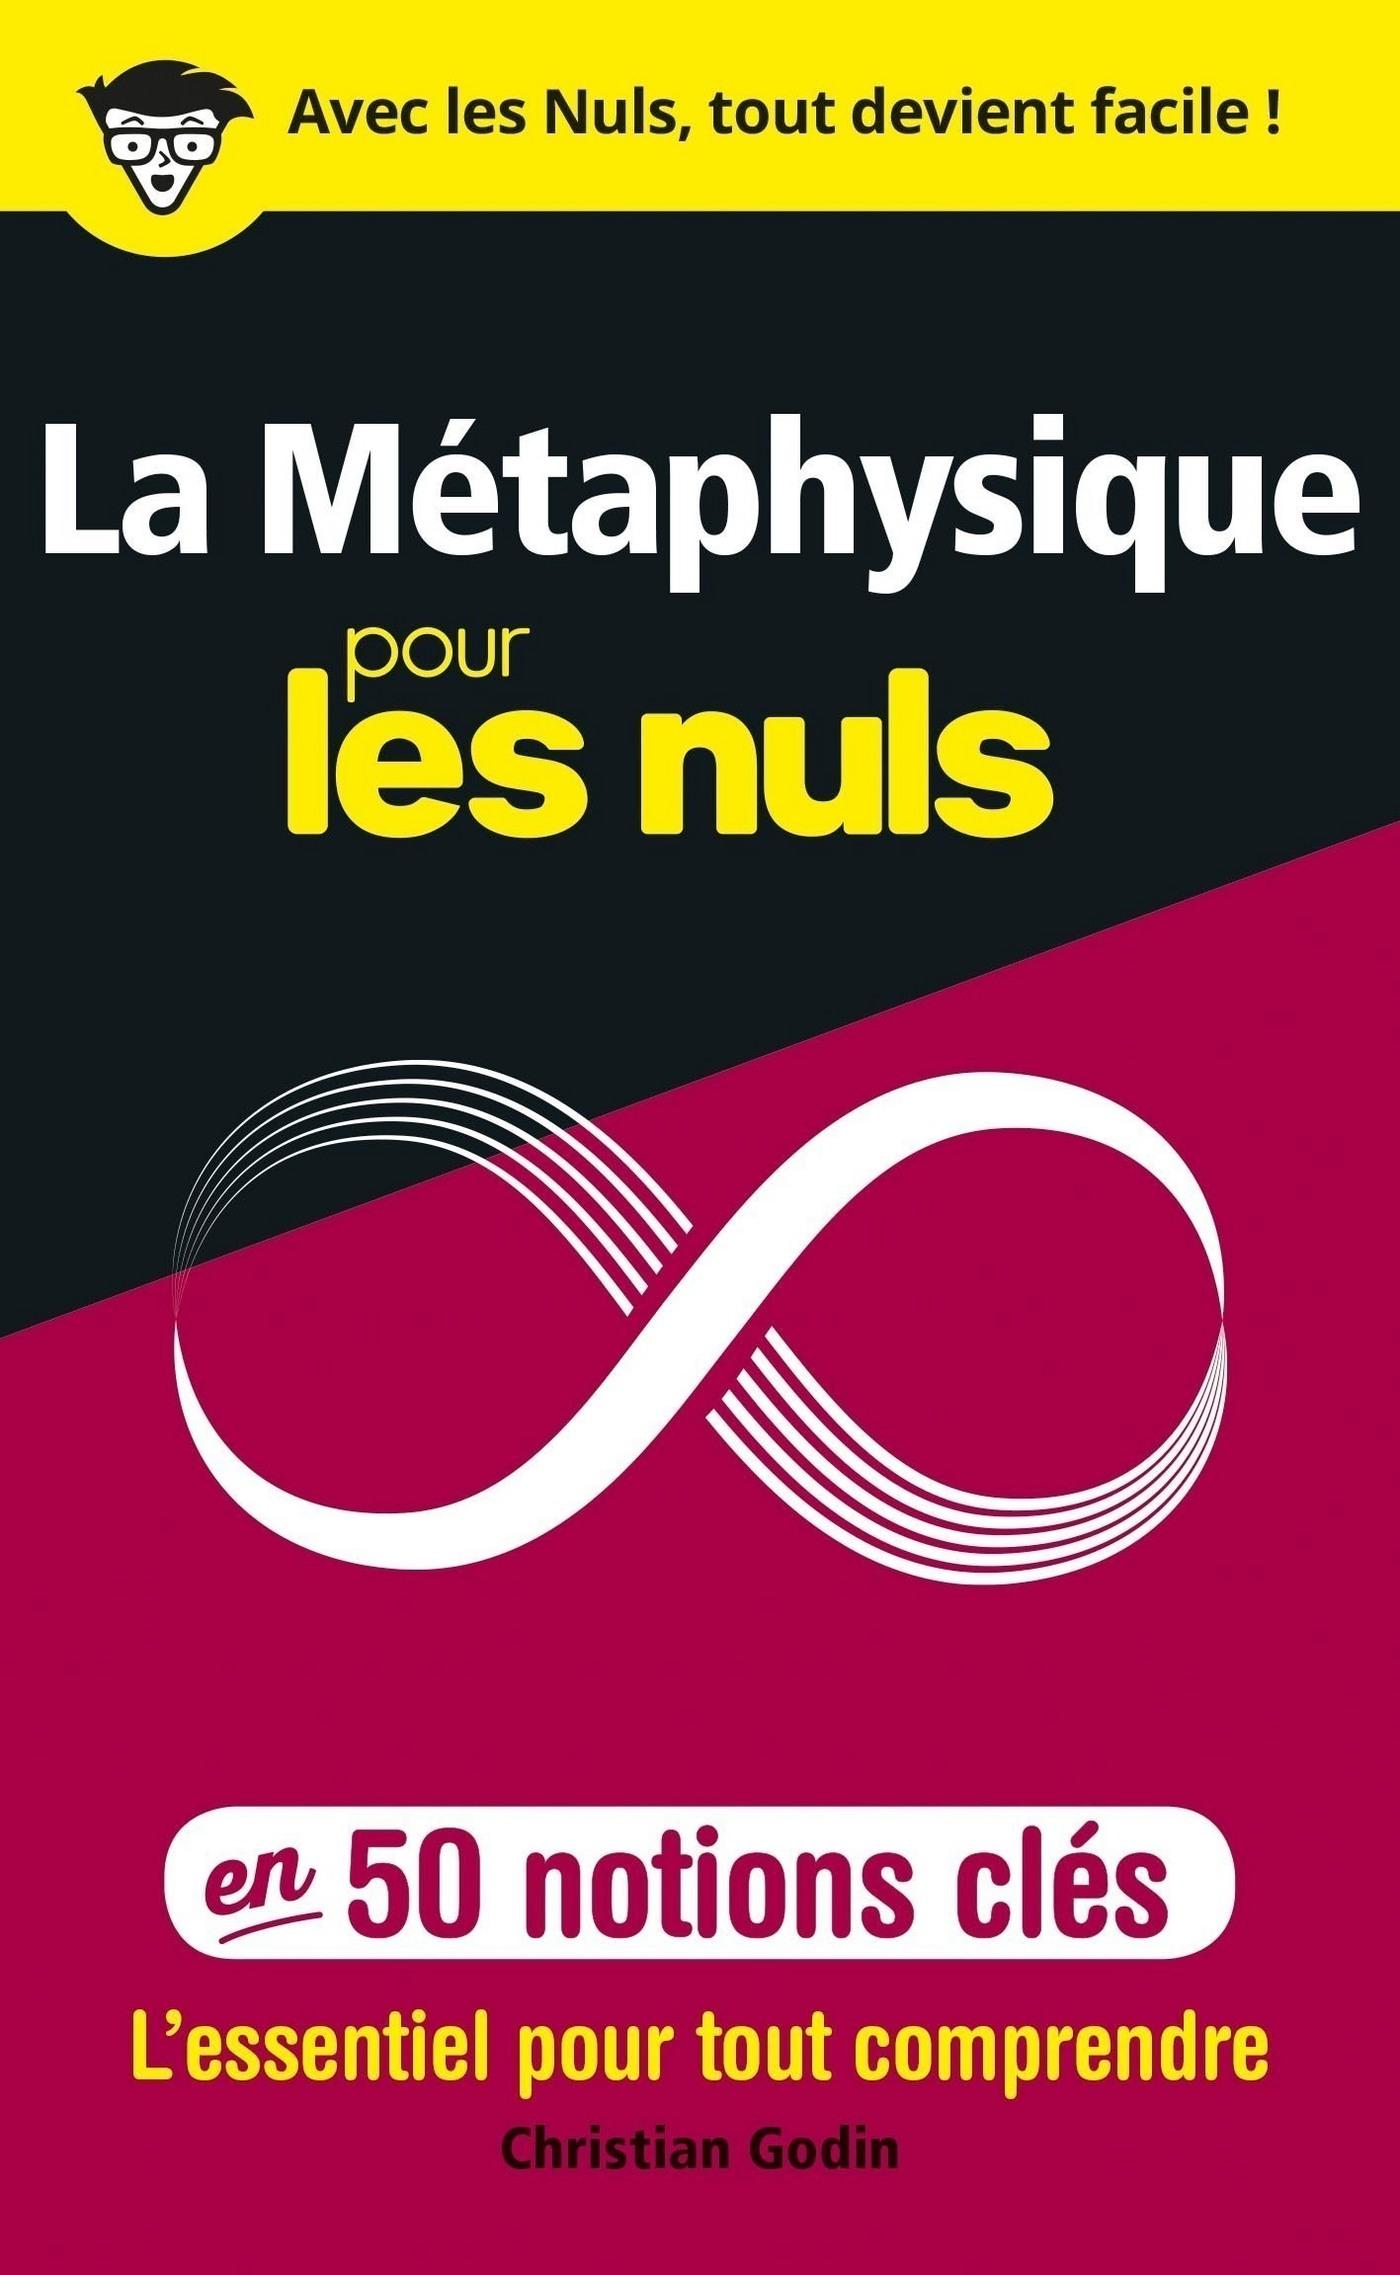 La Métaphysique pour les Nuls en 50 notions clés